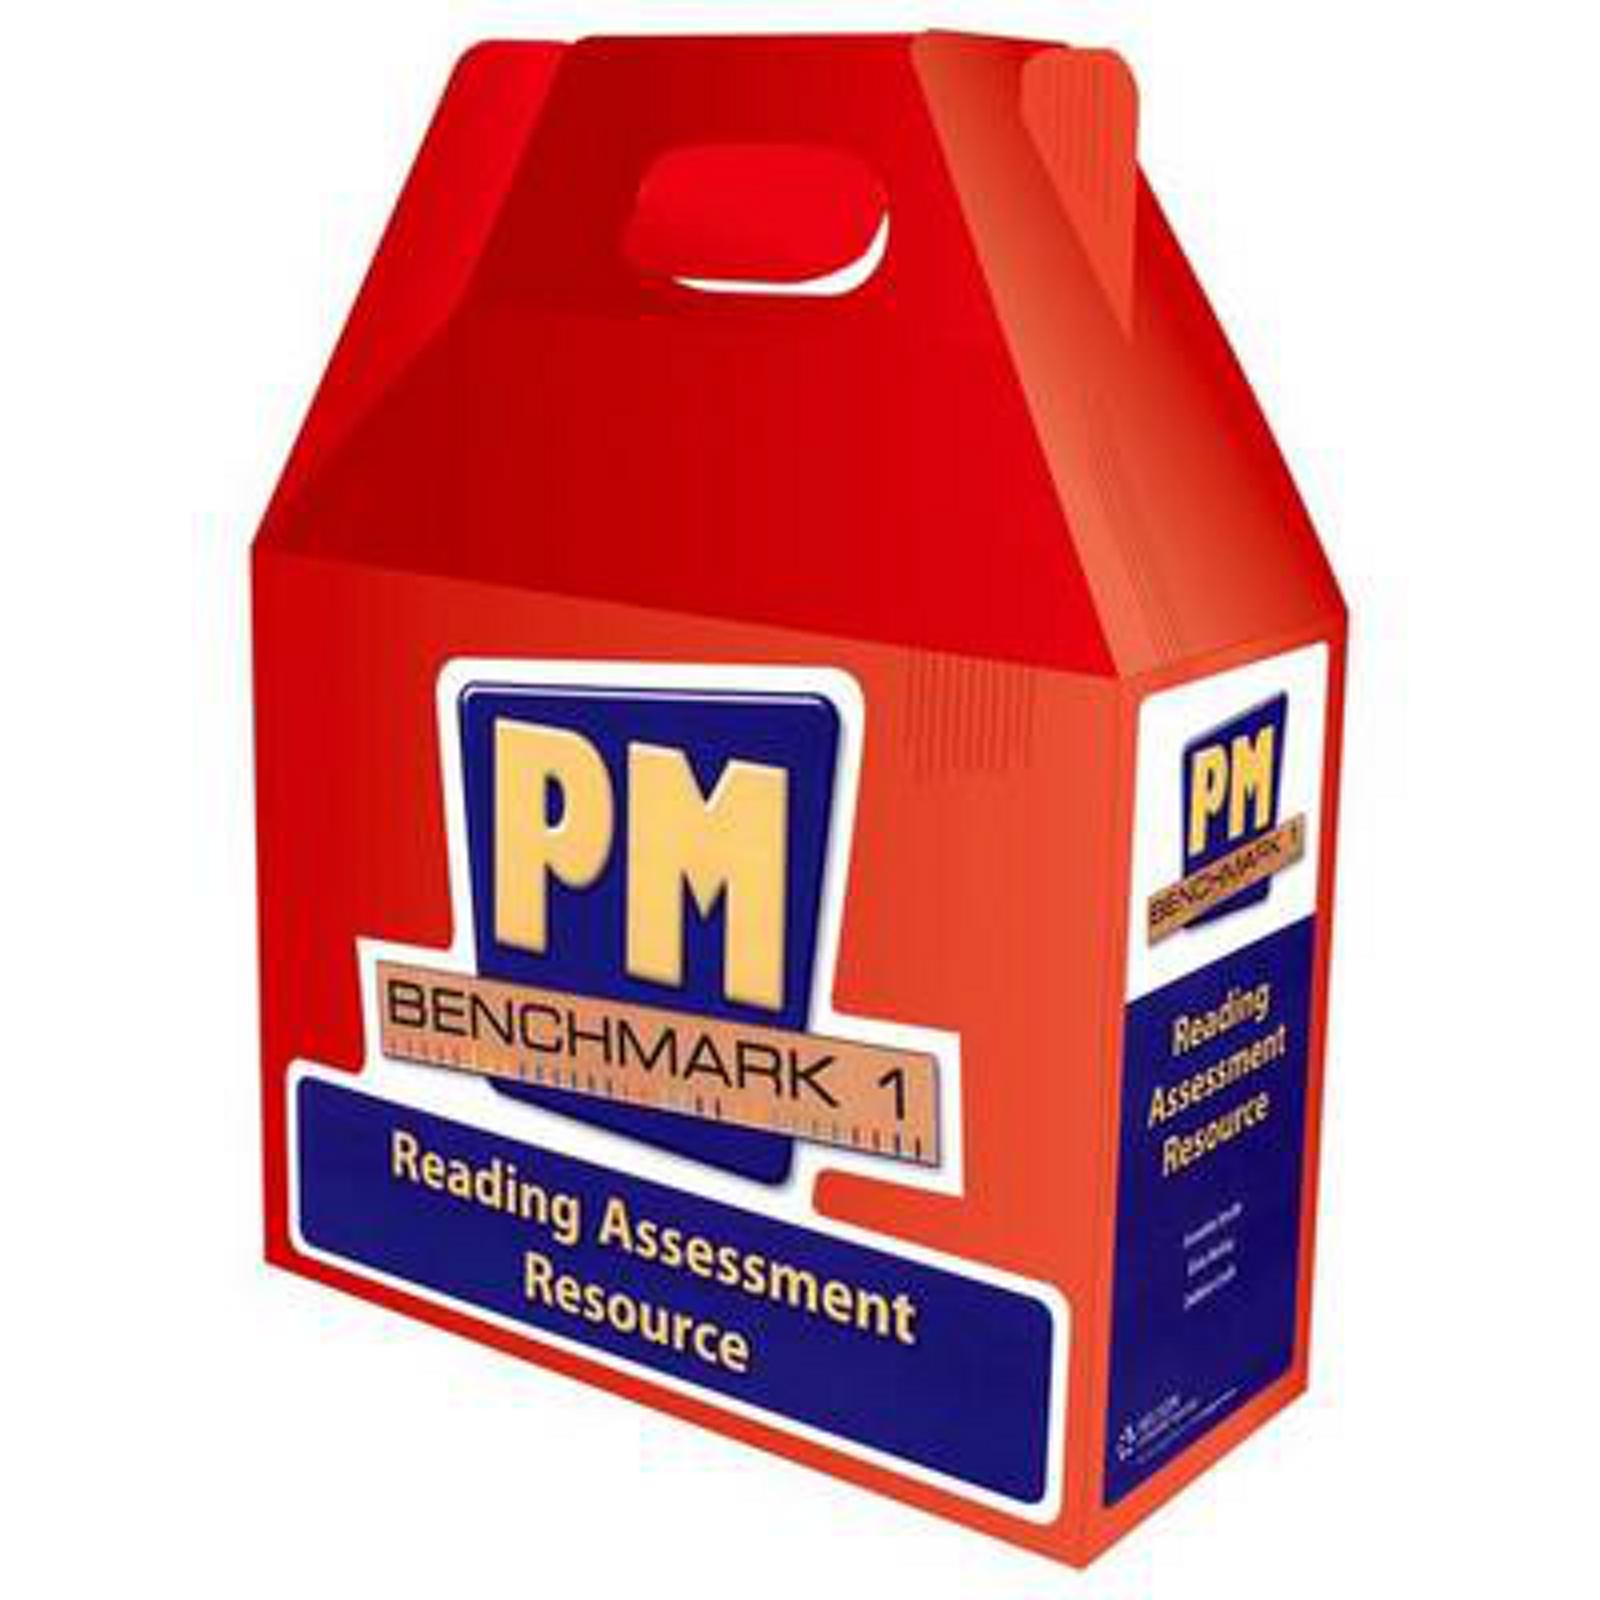 PM Benchmark Kit 1